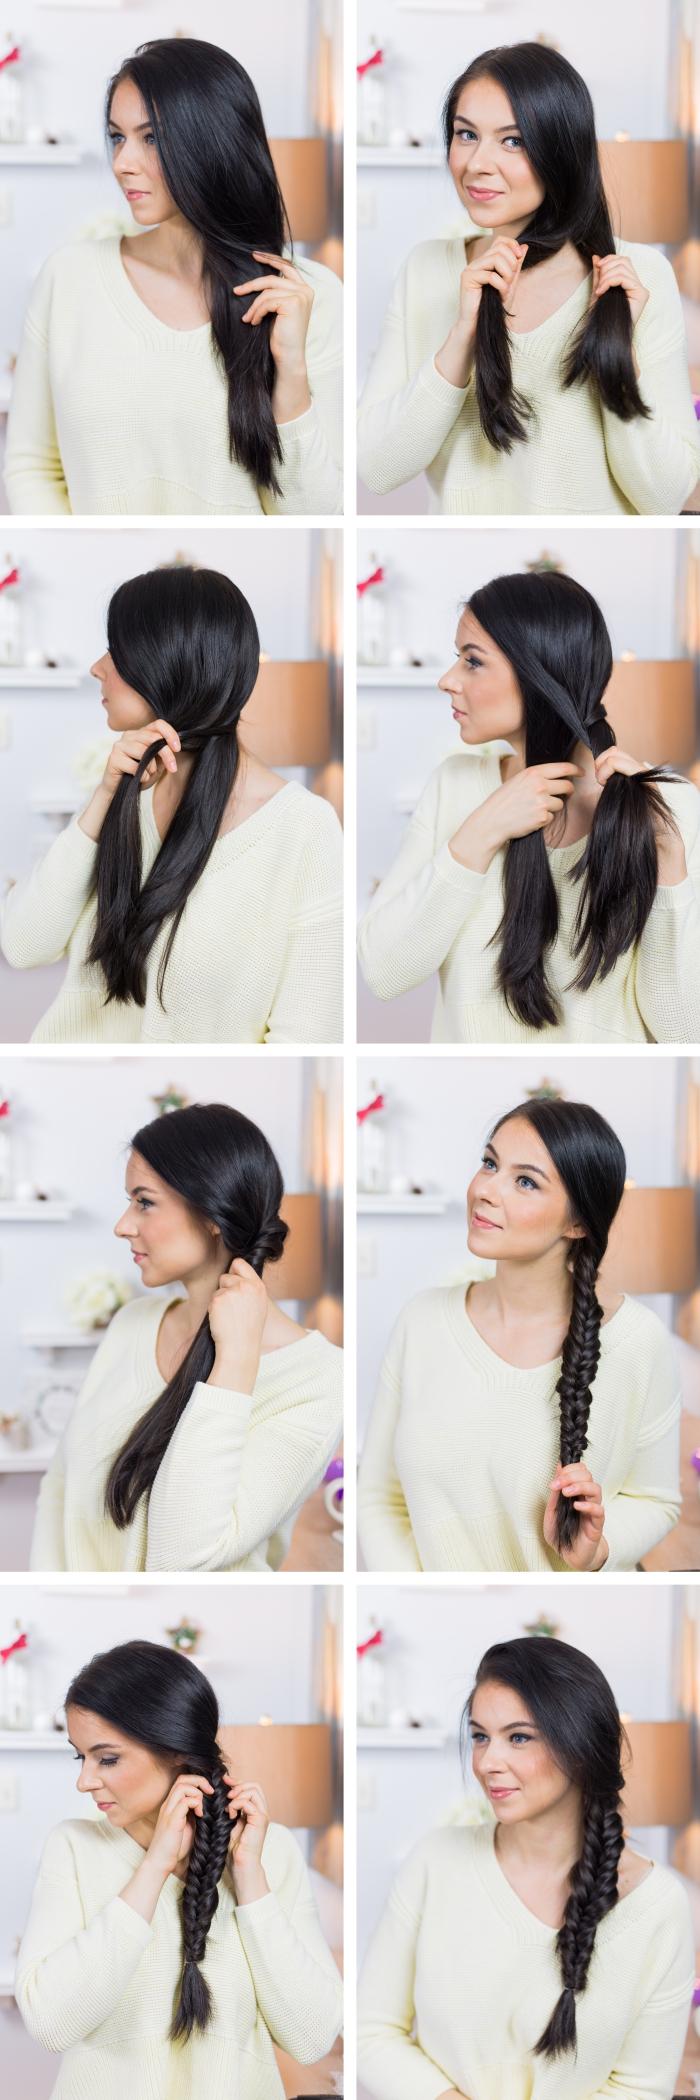 tutoriel pour maîtriser le tressage cheveux facile de côté, exemple de coiffure pour cheveux longs attachés en tresse en épi de côté